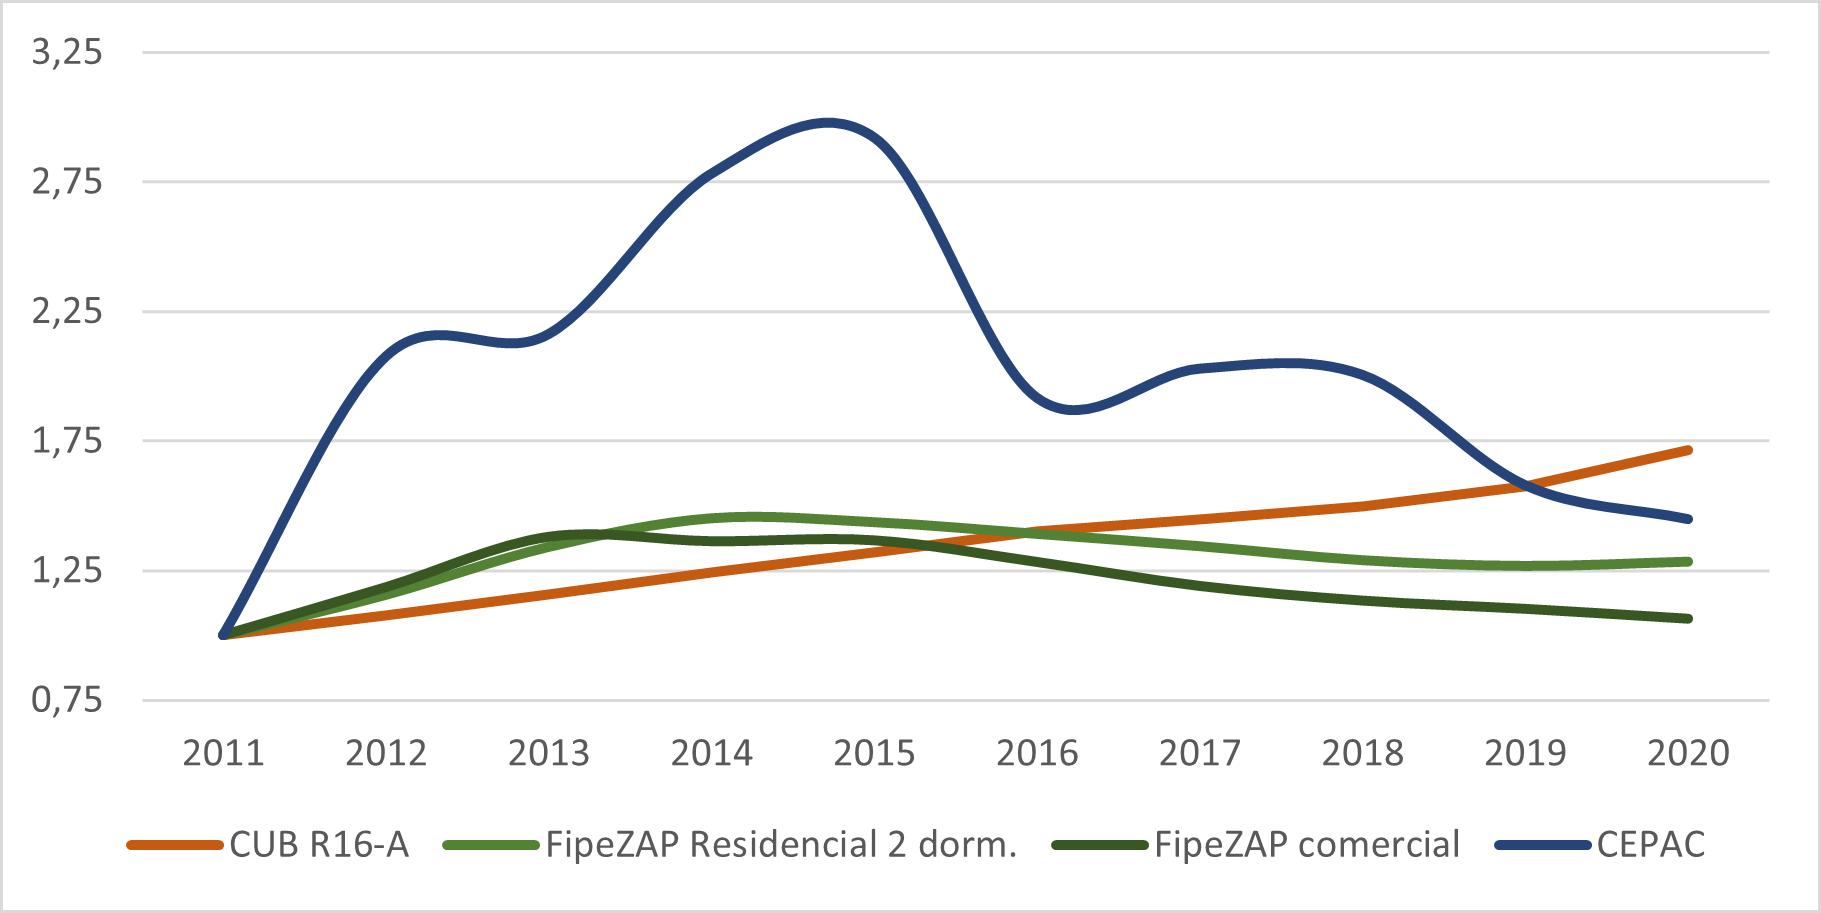 Gráfico 02 - Relação entre a evolução do preço do CEPAC da OUC Porto Maravilha, do custo de construção e do preço de venda de imóveis no Rio de Janeiro